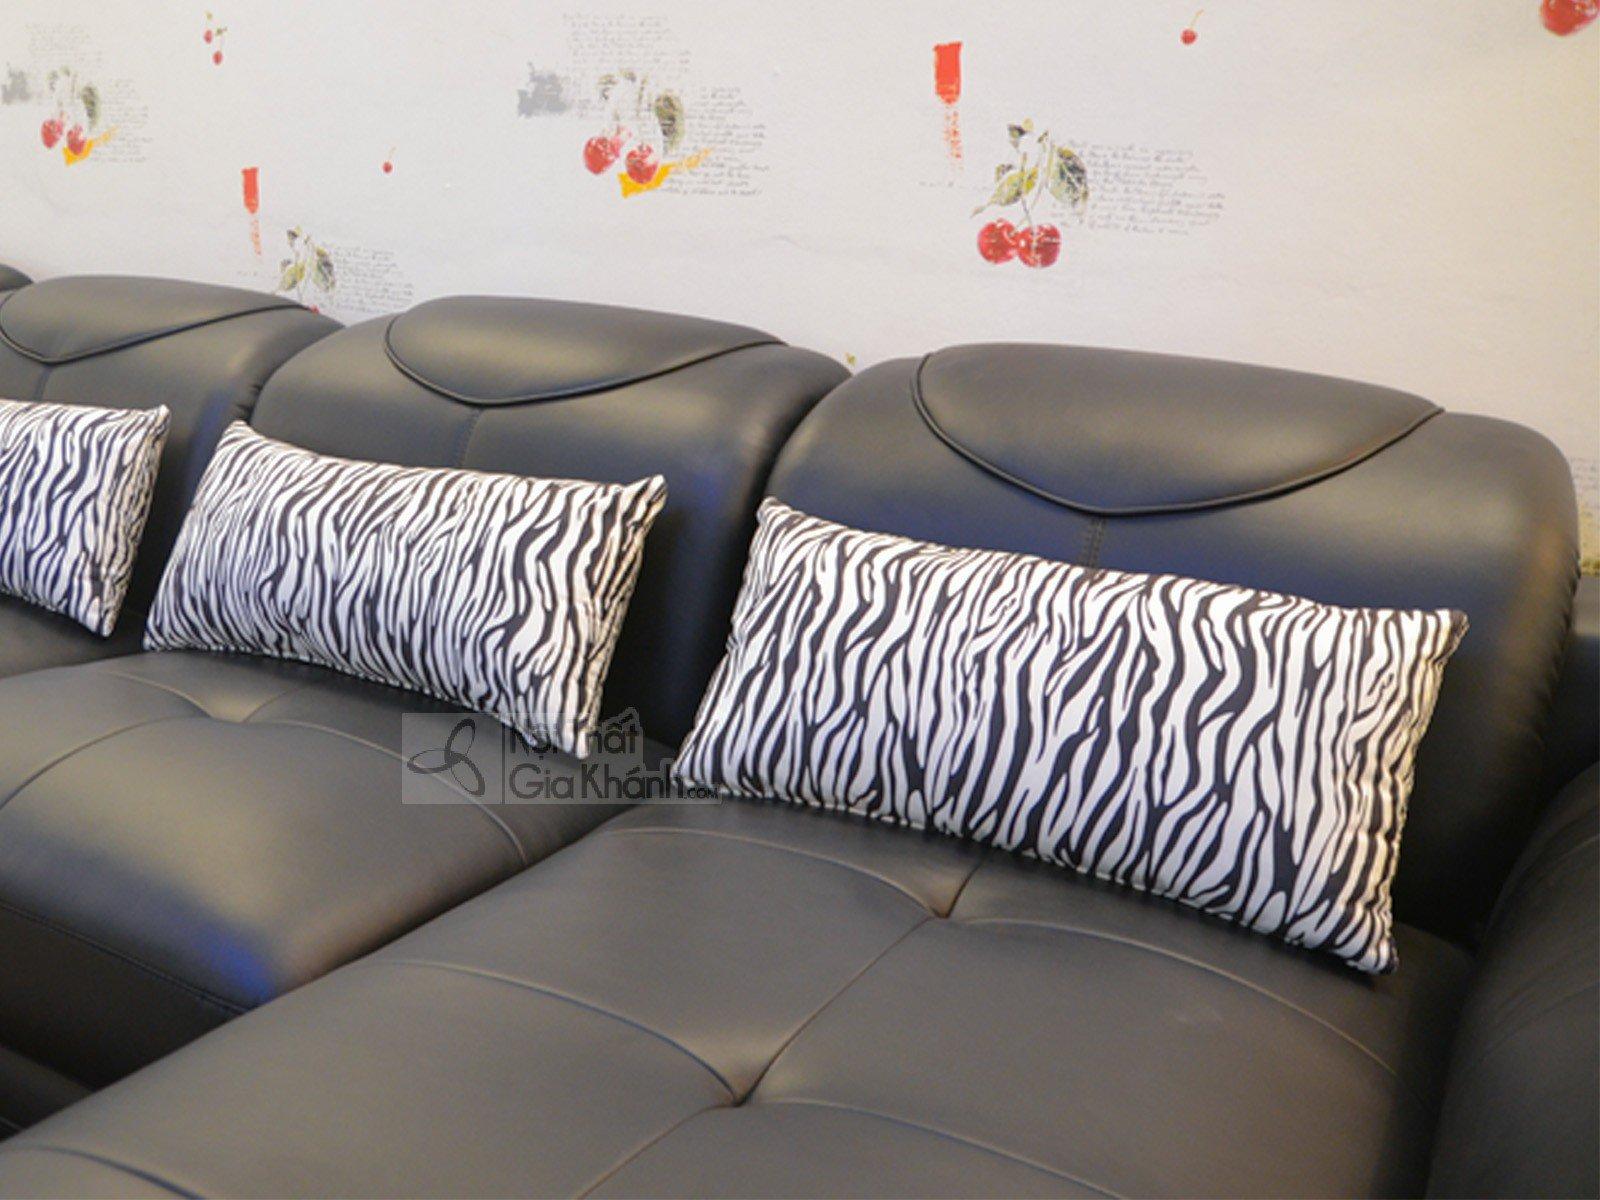 SOFA MÀU ĐEN 3 BĂNG GÓC PHẢI 9192D-SF - sofa da màu đen 919D 1